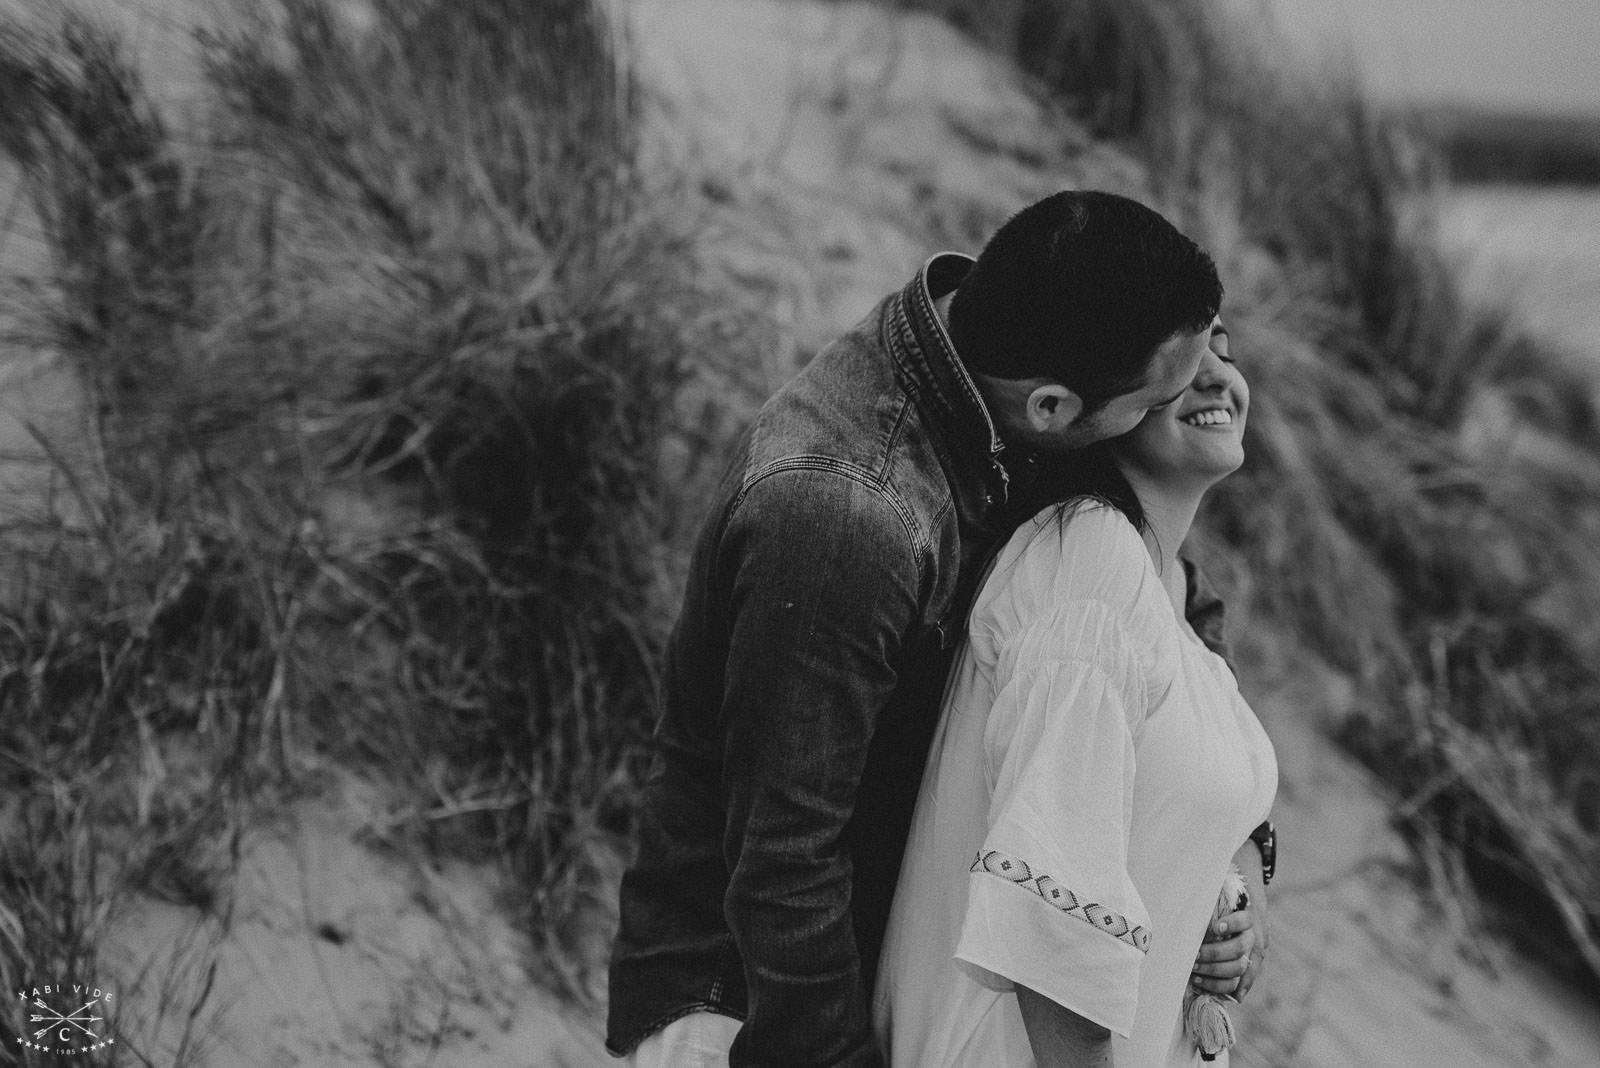 fotografo+de+bodas+en+cantabria-21